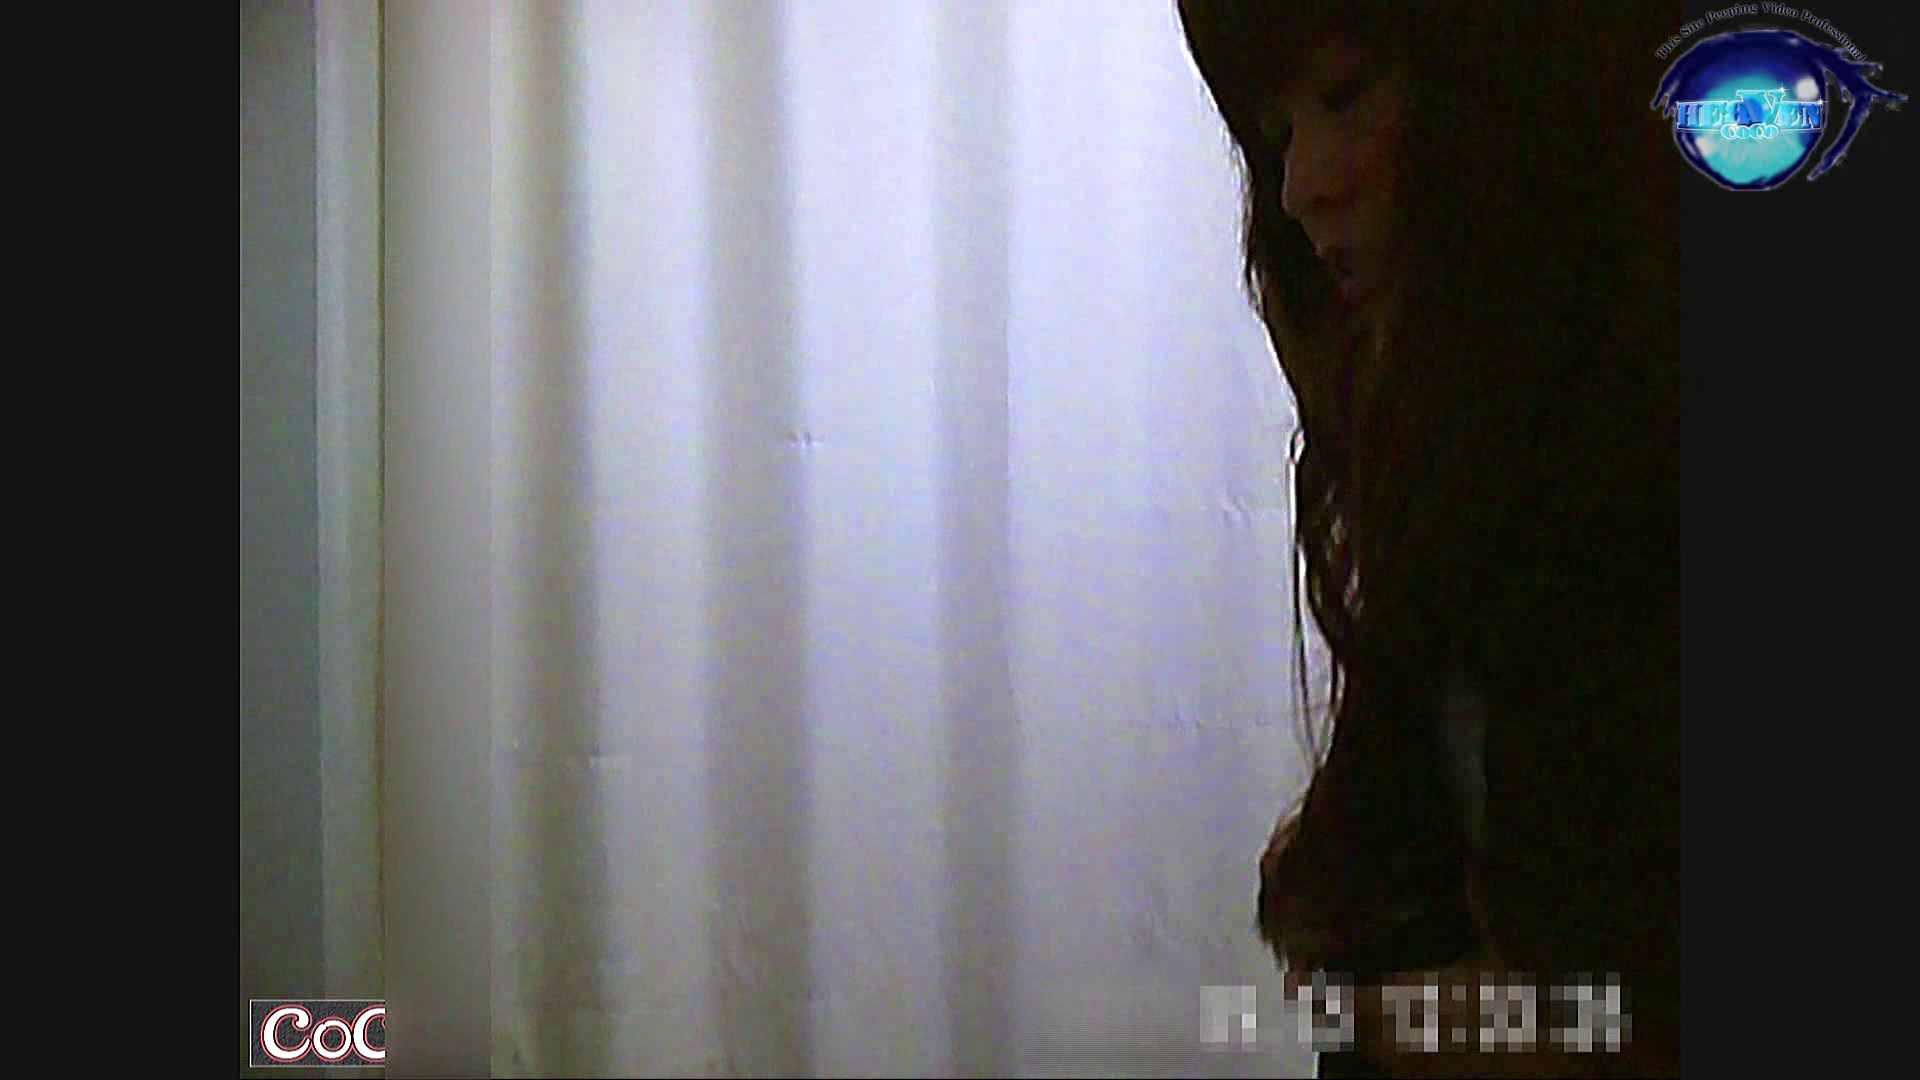 激ヤバ健康診断!着替えの一部始終.vol.26 ※本編ボカシ・目線無し ナースのエロ動画 盗撮動画紹介 78PIX 64